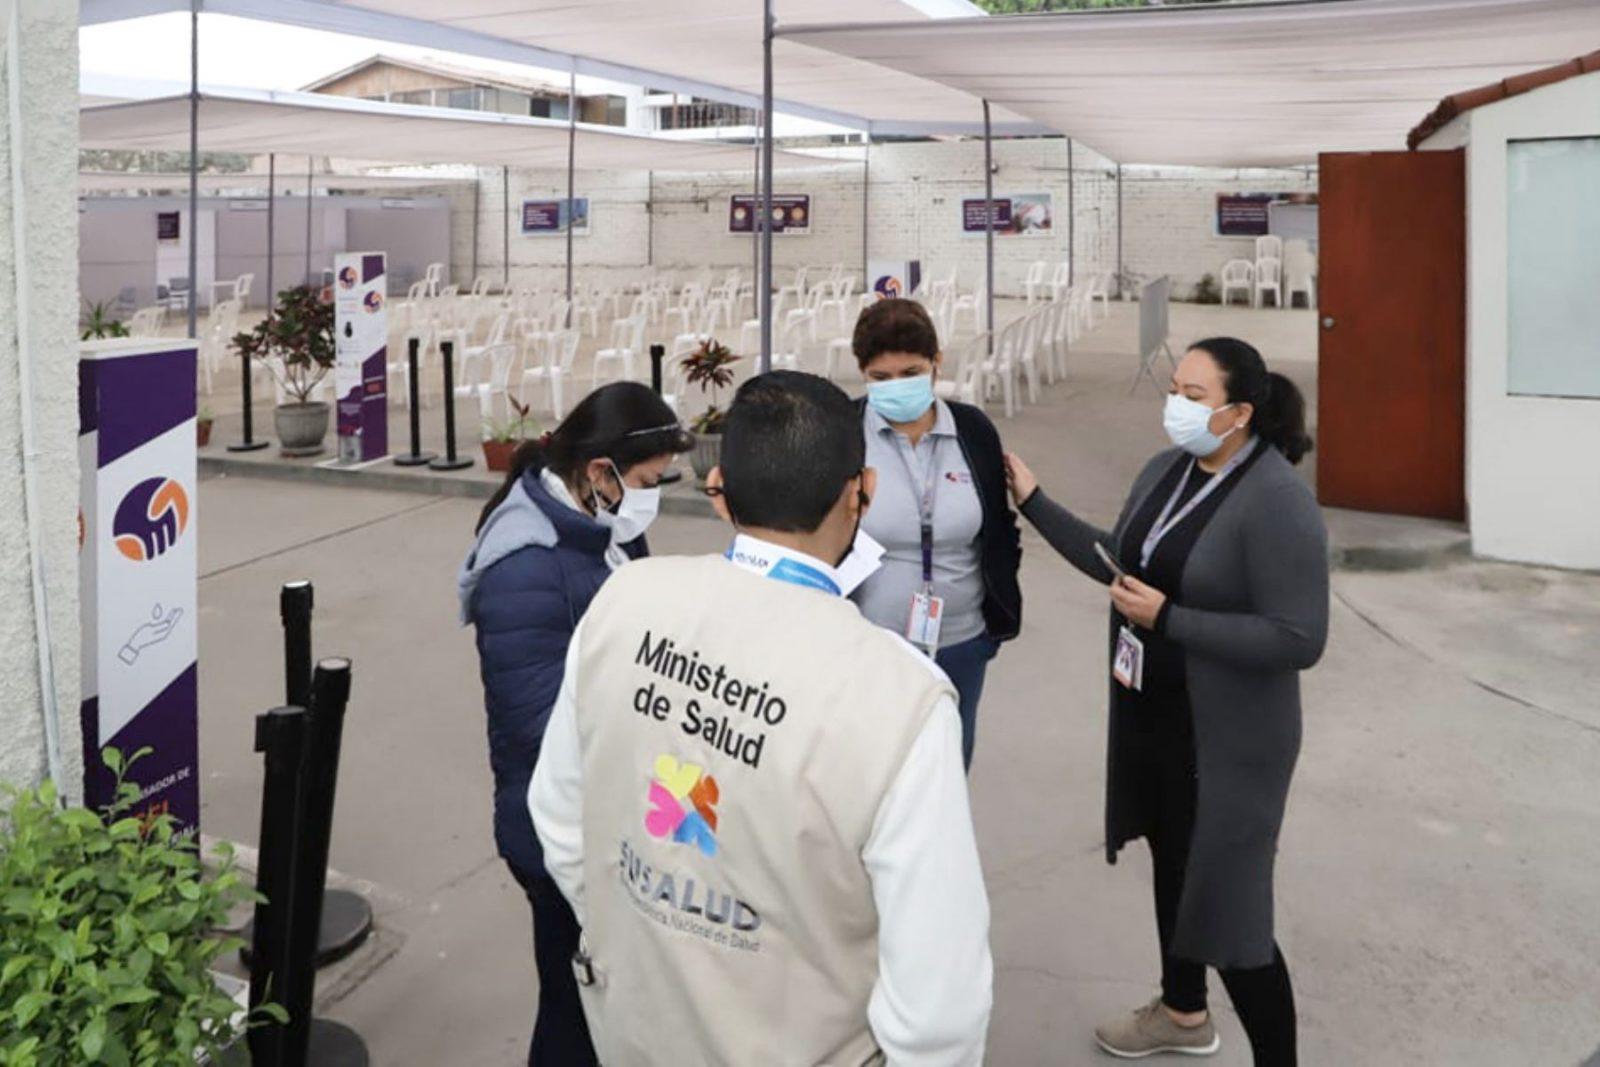 Investigan clínica en Surco por vacunación irregular de adolescentes contra la COVID-19